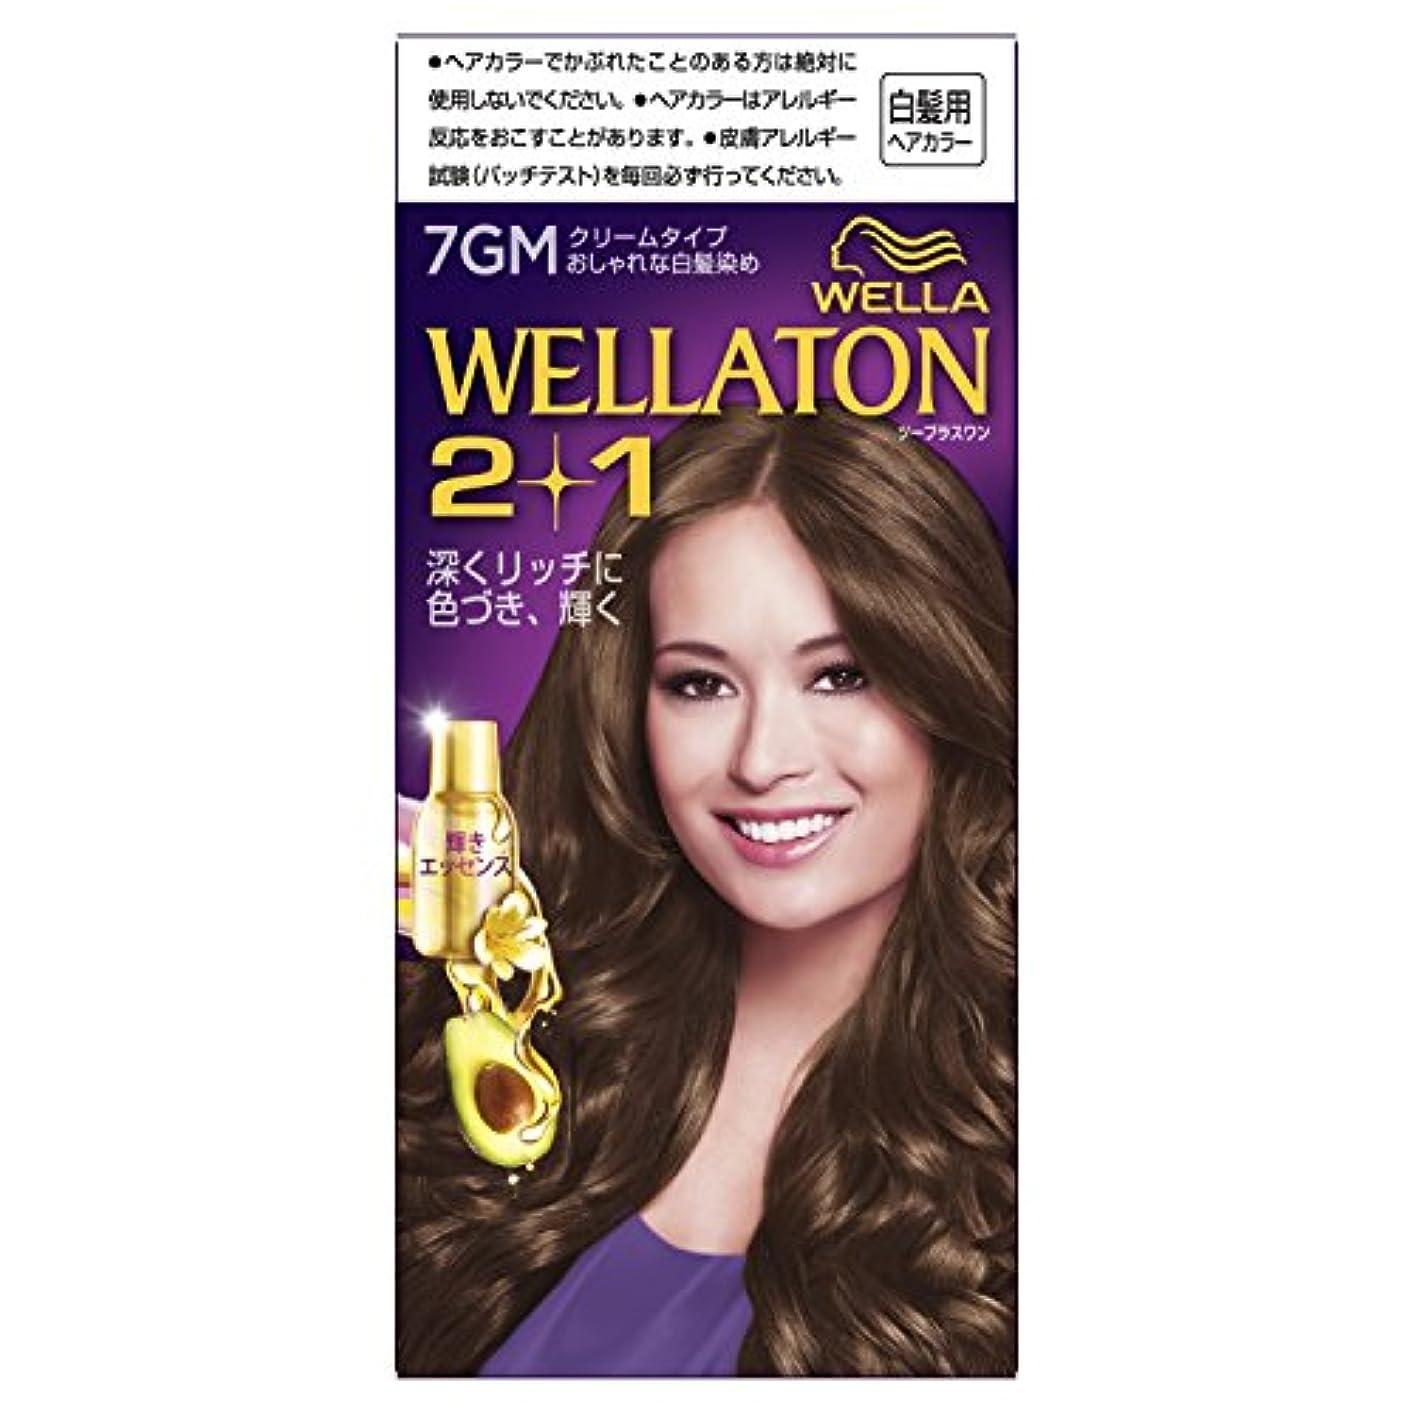 笑い浅いわずらわしいウエラトーン2+1 クリームタイプ 7GM [医薬部外品](おしゃれな白髪染め)